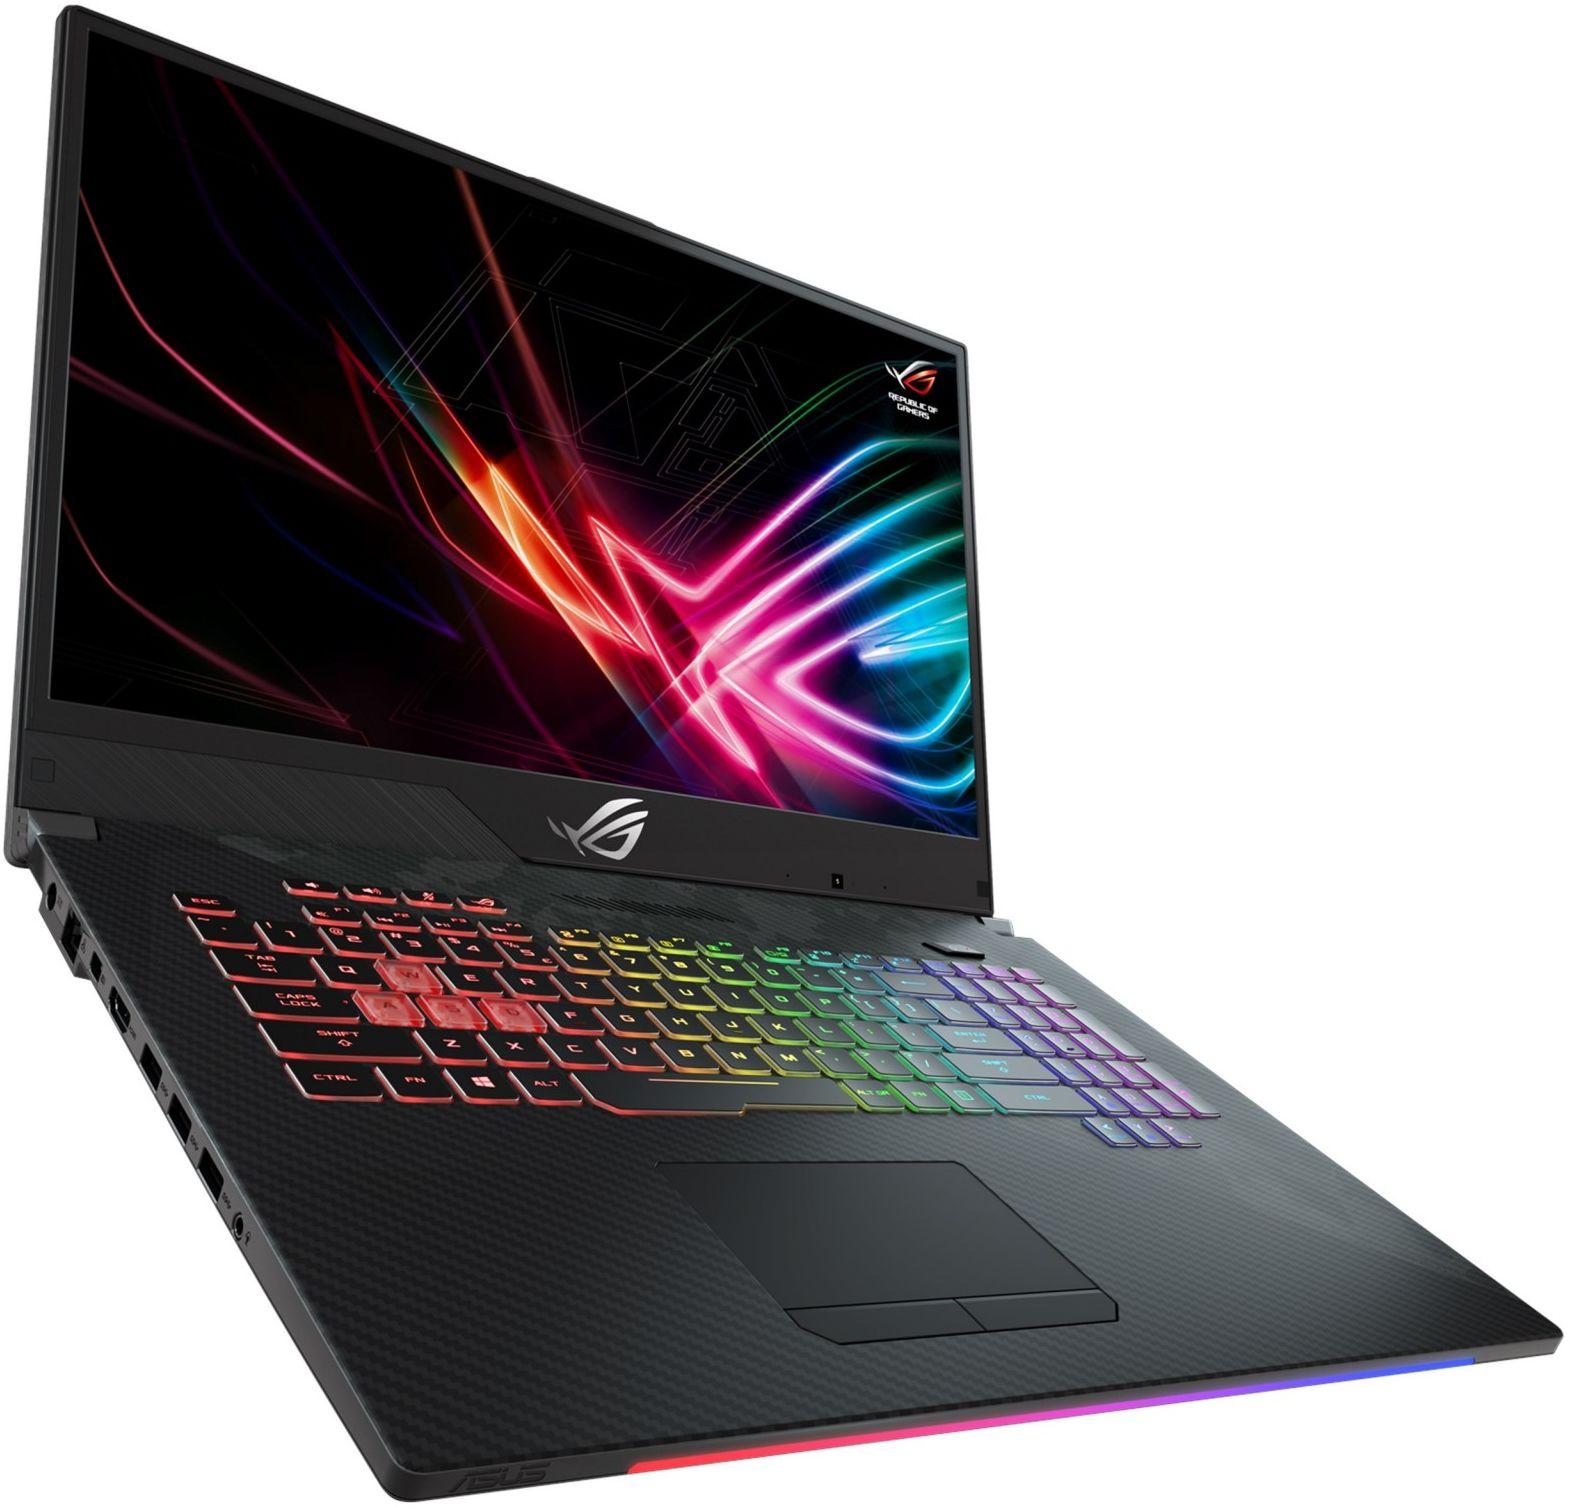 Laptop ASUS ROG Strix GL704GM-EV075T 90NR00N1-M01730